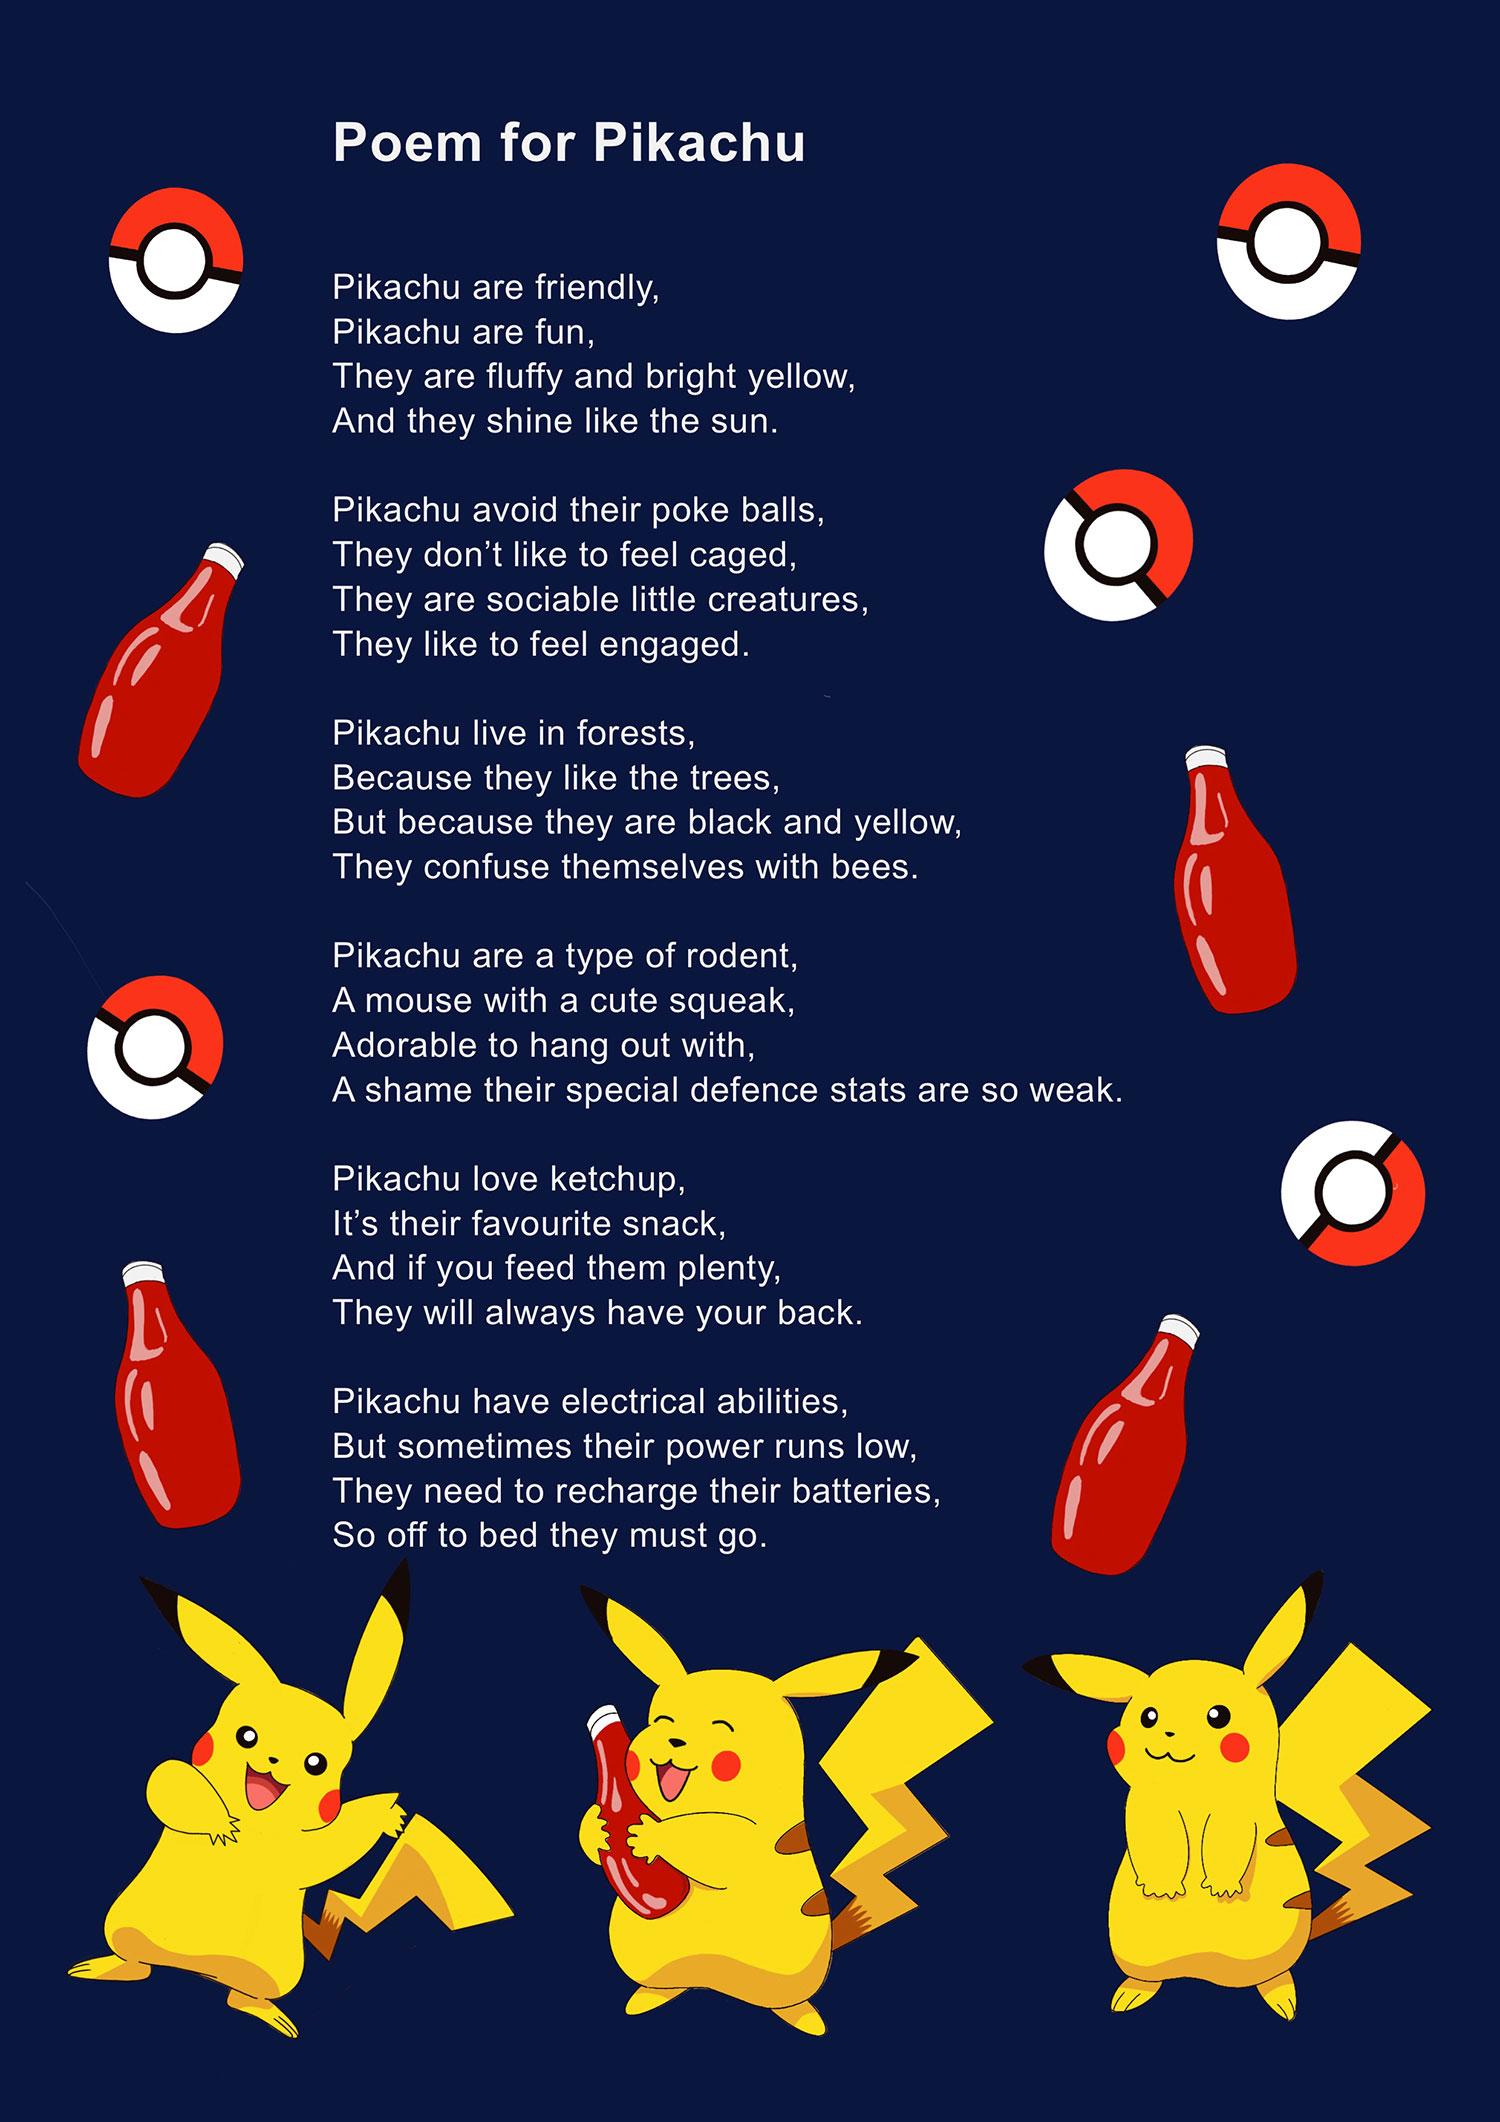 GISH2019ITEM151-PikachuPoem-Sm.jpg